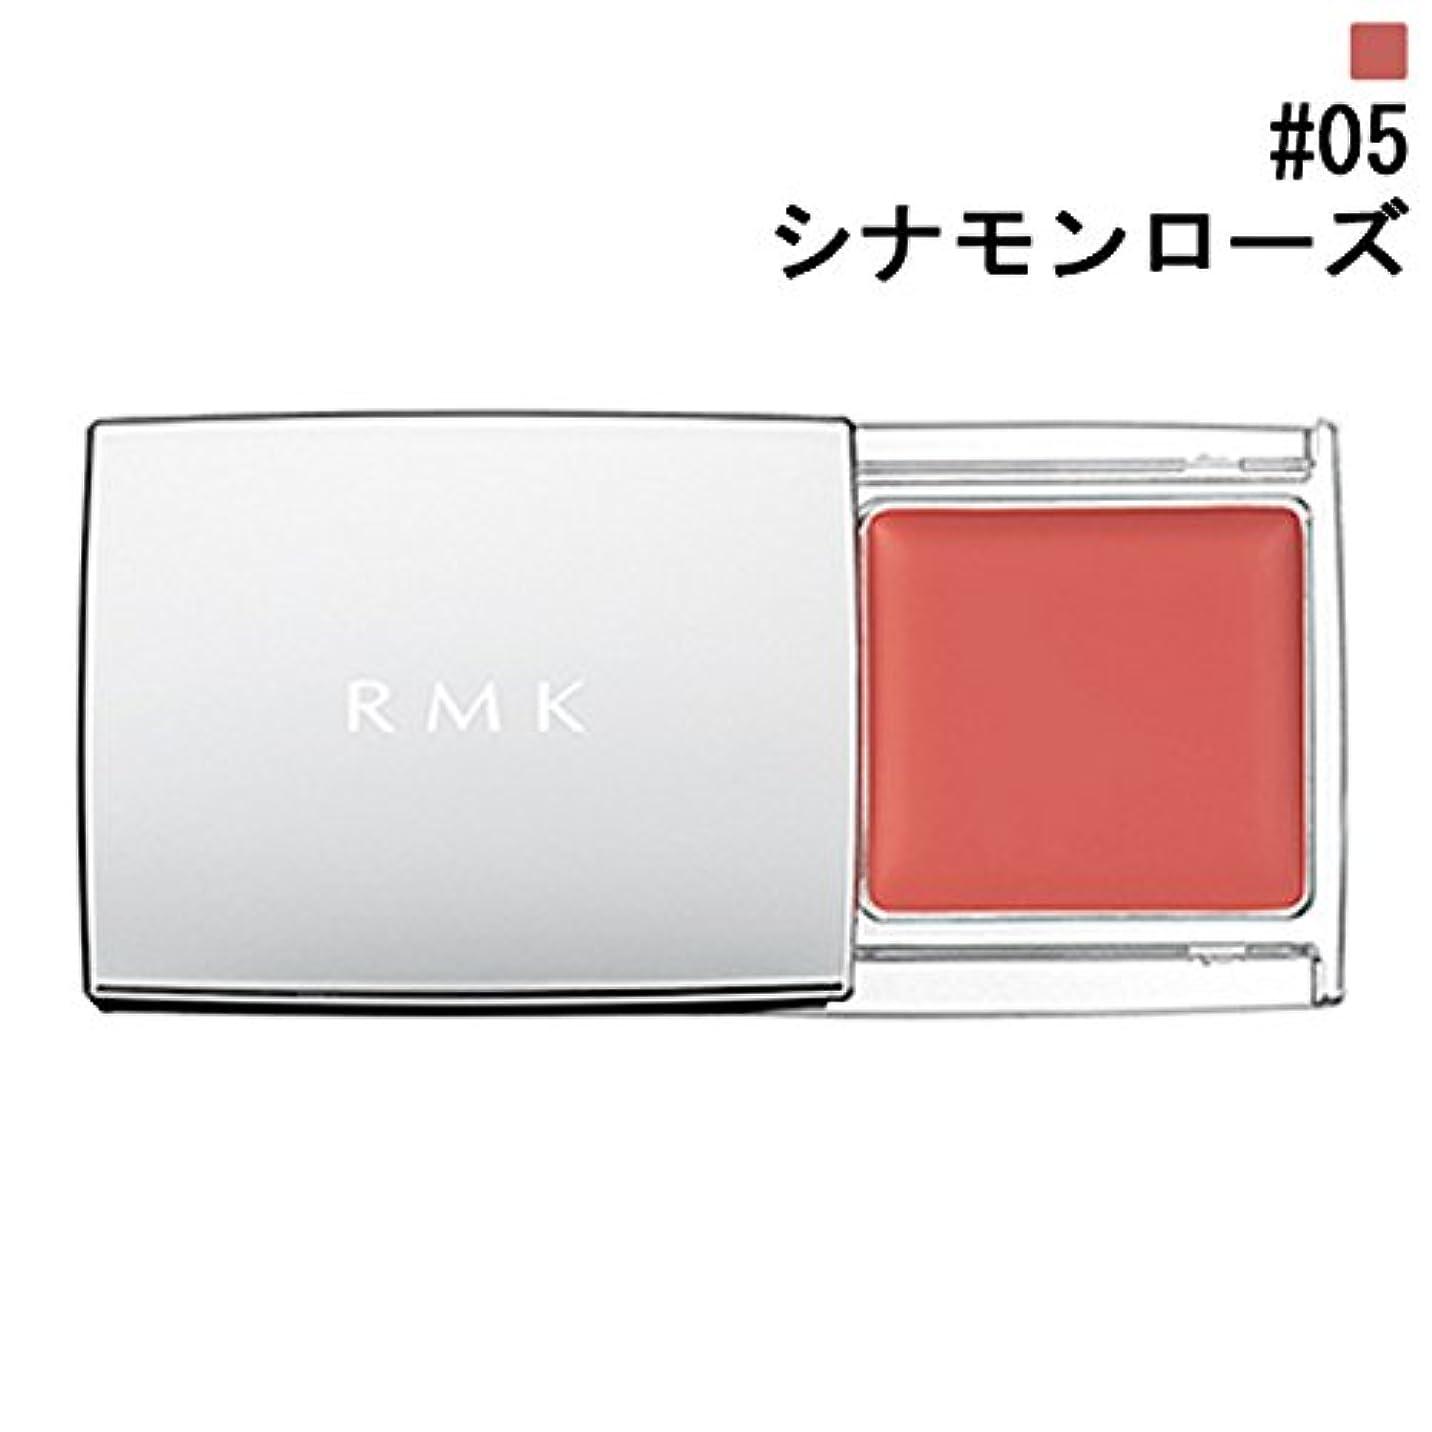 牽引発火するオフ【RMK (ルミコ)】RMK マルチペイントカラーズ #05 シナモンローズ 1.5g